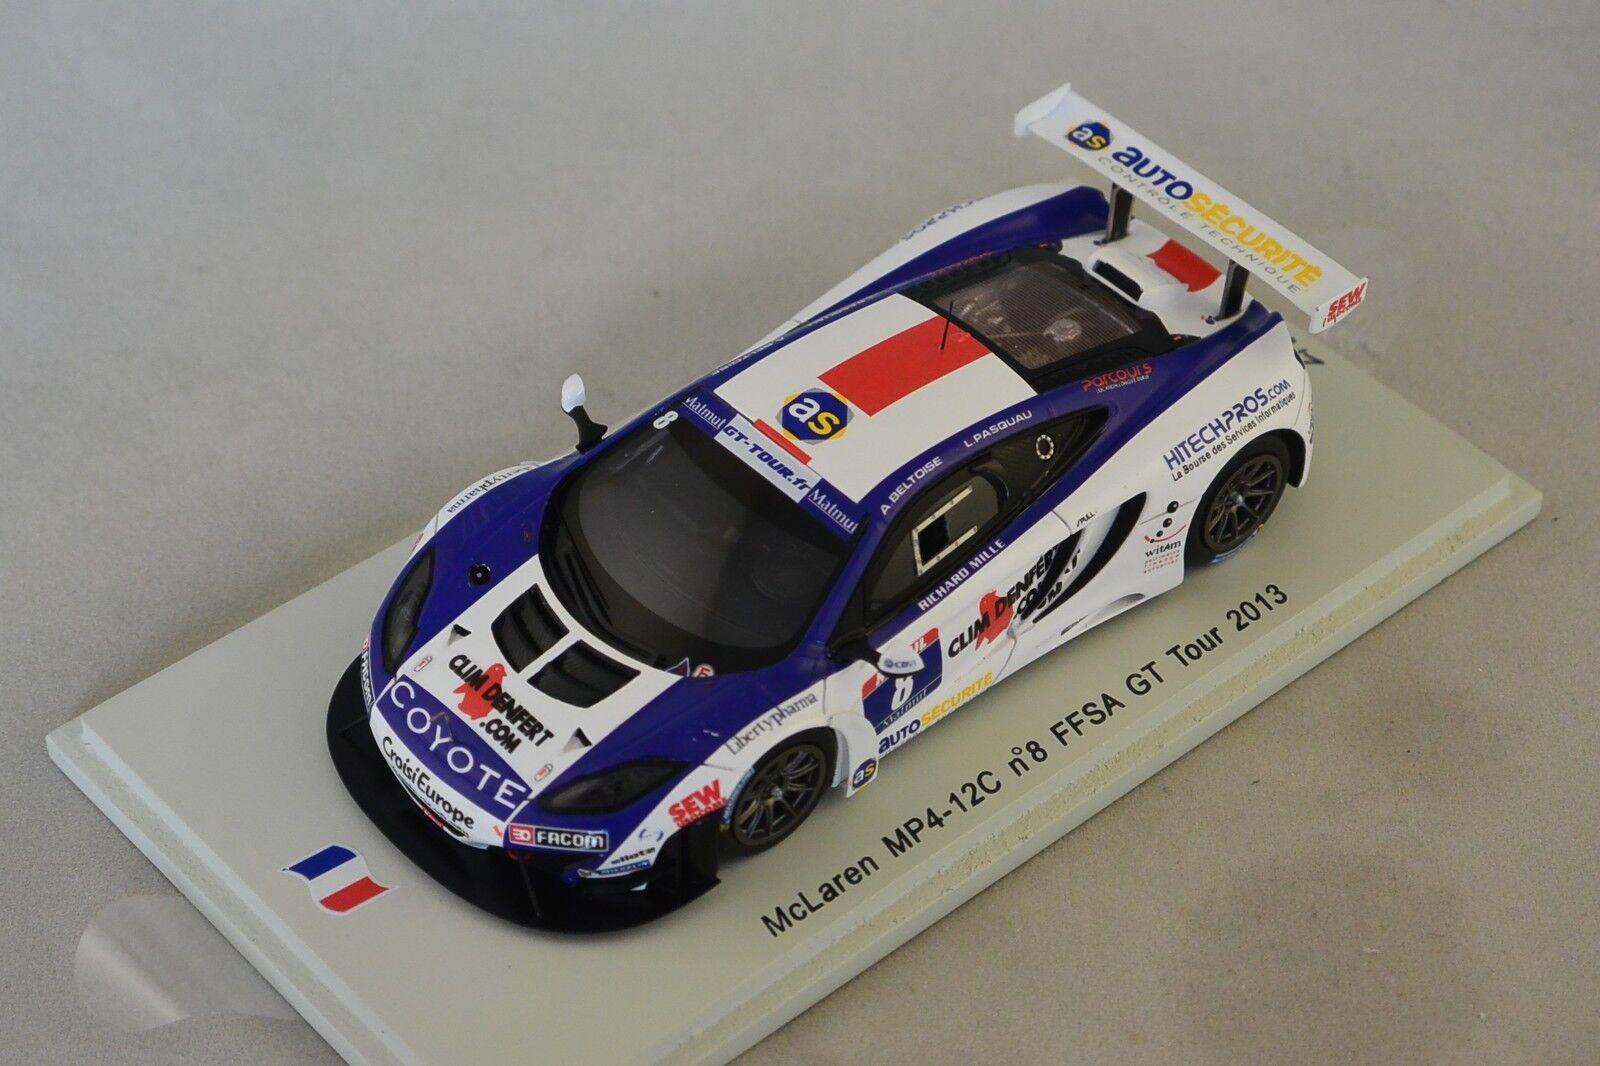 Spark sf066 mclaren mp4 12c loeb racing no. 8 gt tour 2013 A. beltoise 1 43